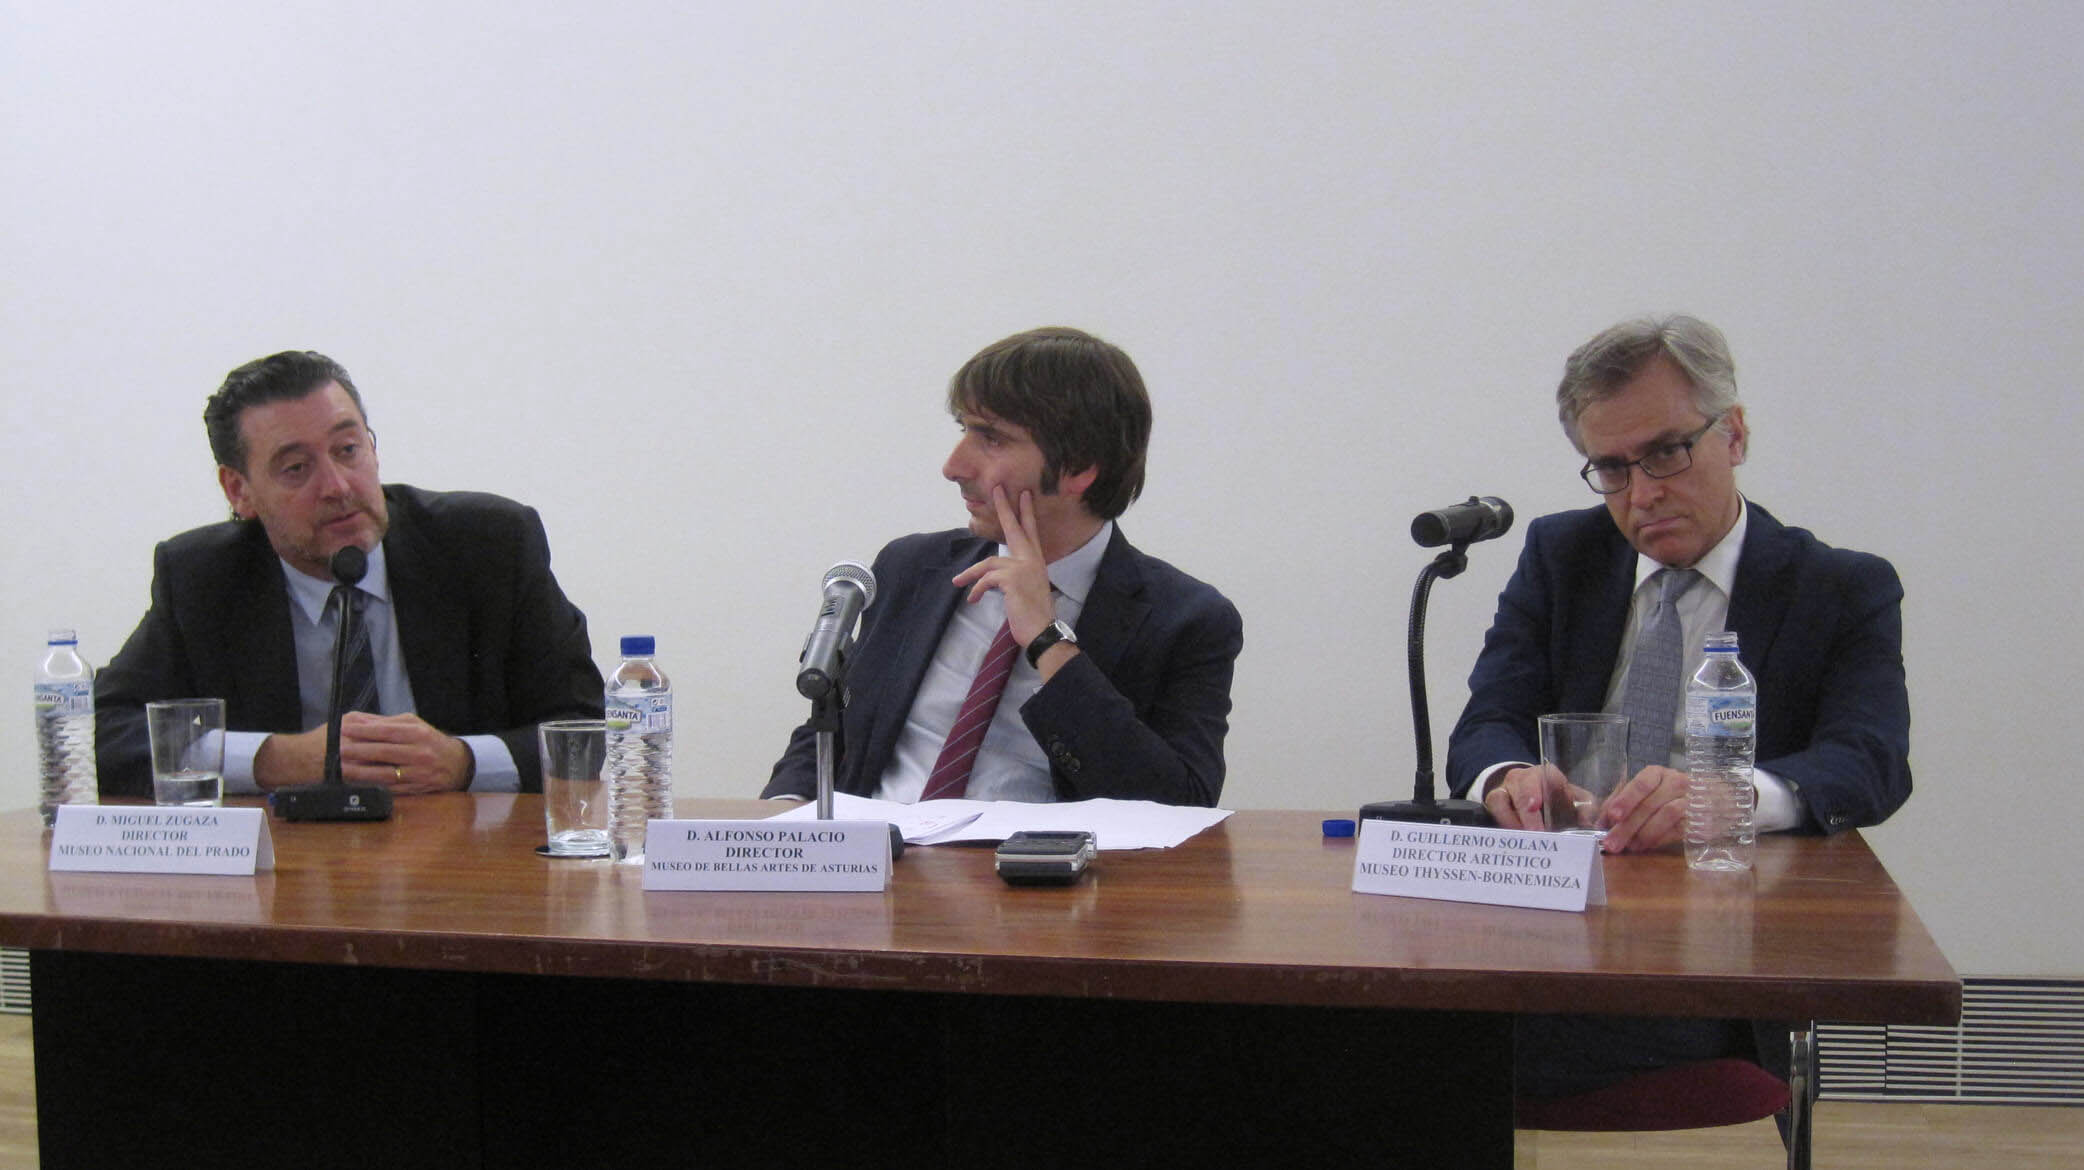 Miguel Zugaza y Guillermo Solana debaten sobre museos en el Bellas Artes